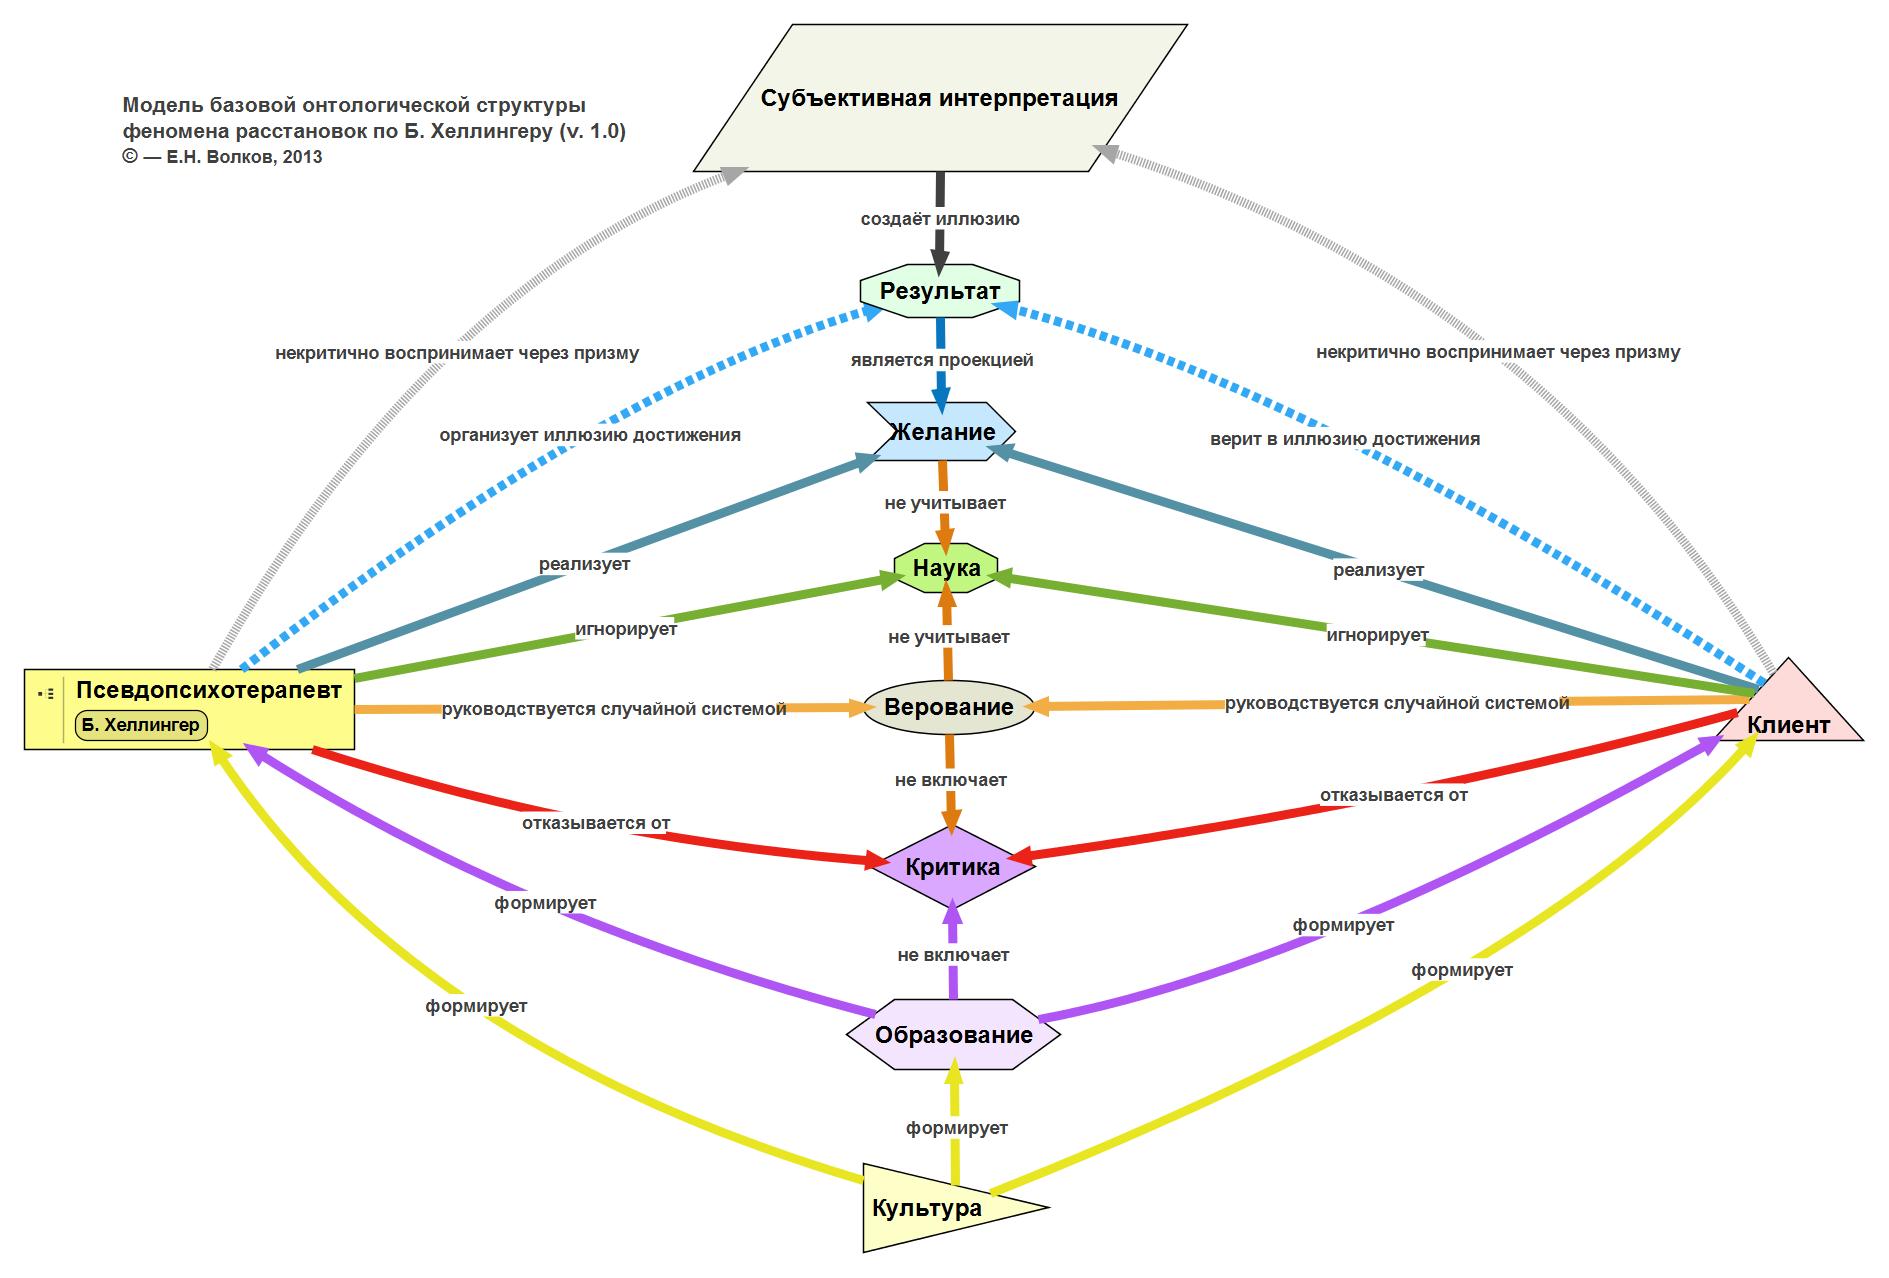 http://evolkov.net/consult/articles/2013.07.Hellinger's.pseudoscience.Volkov.E.Vershinin.M.png